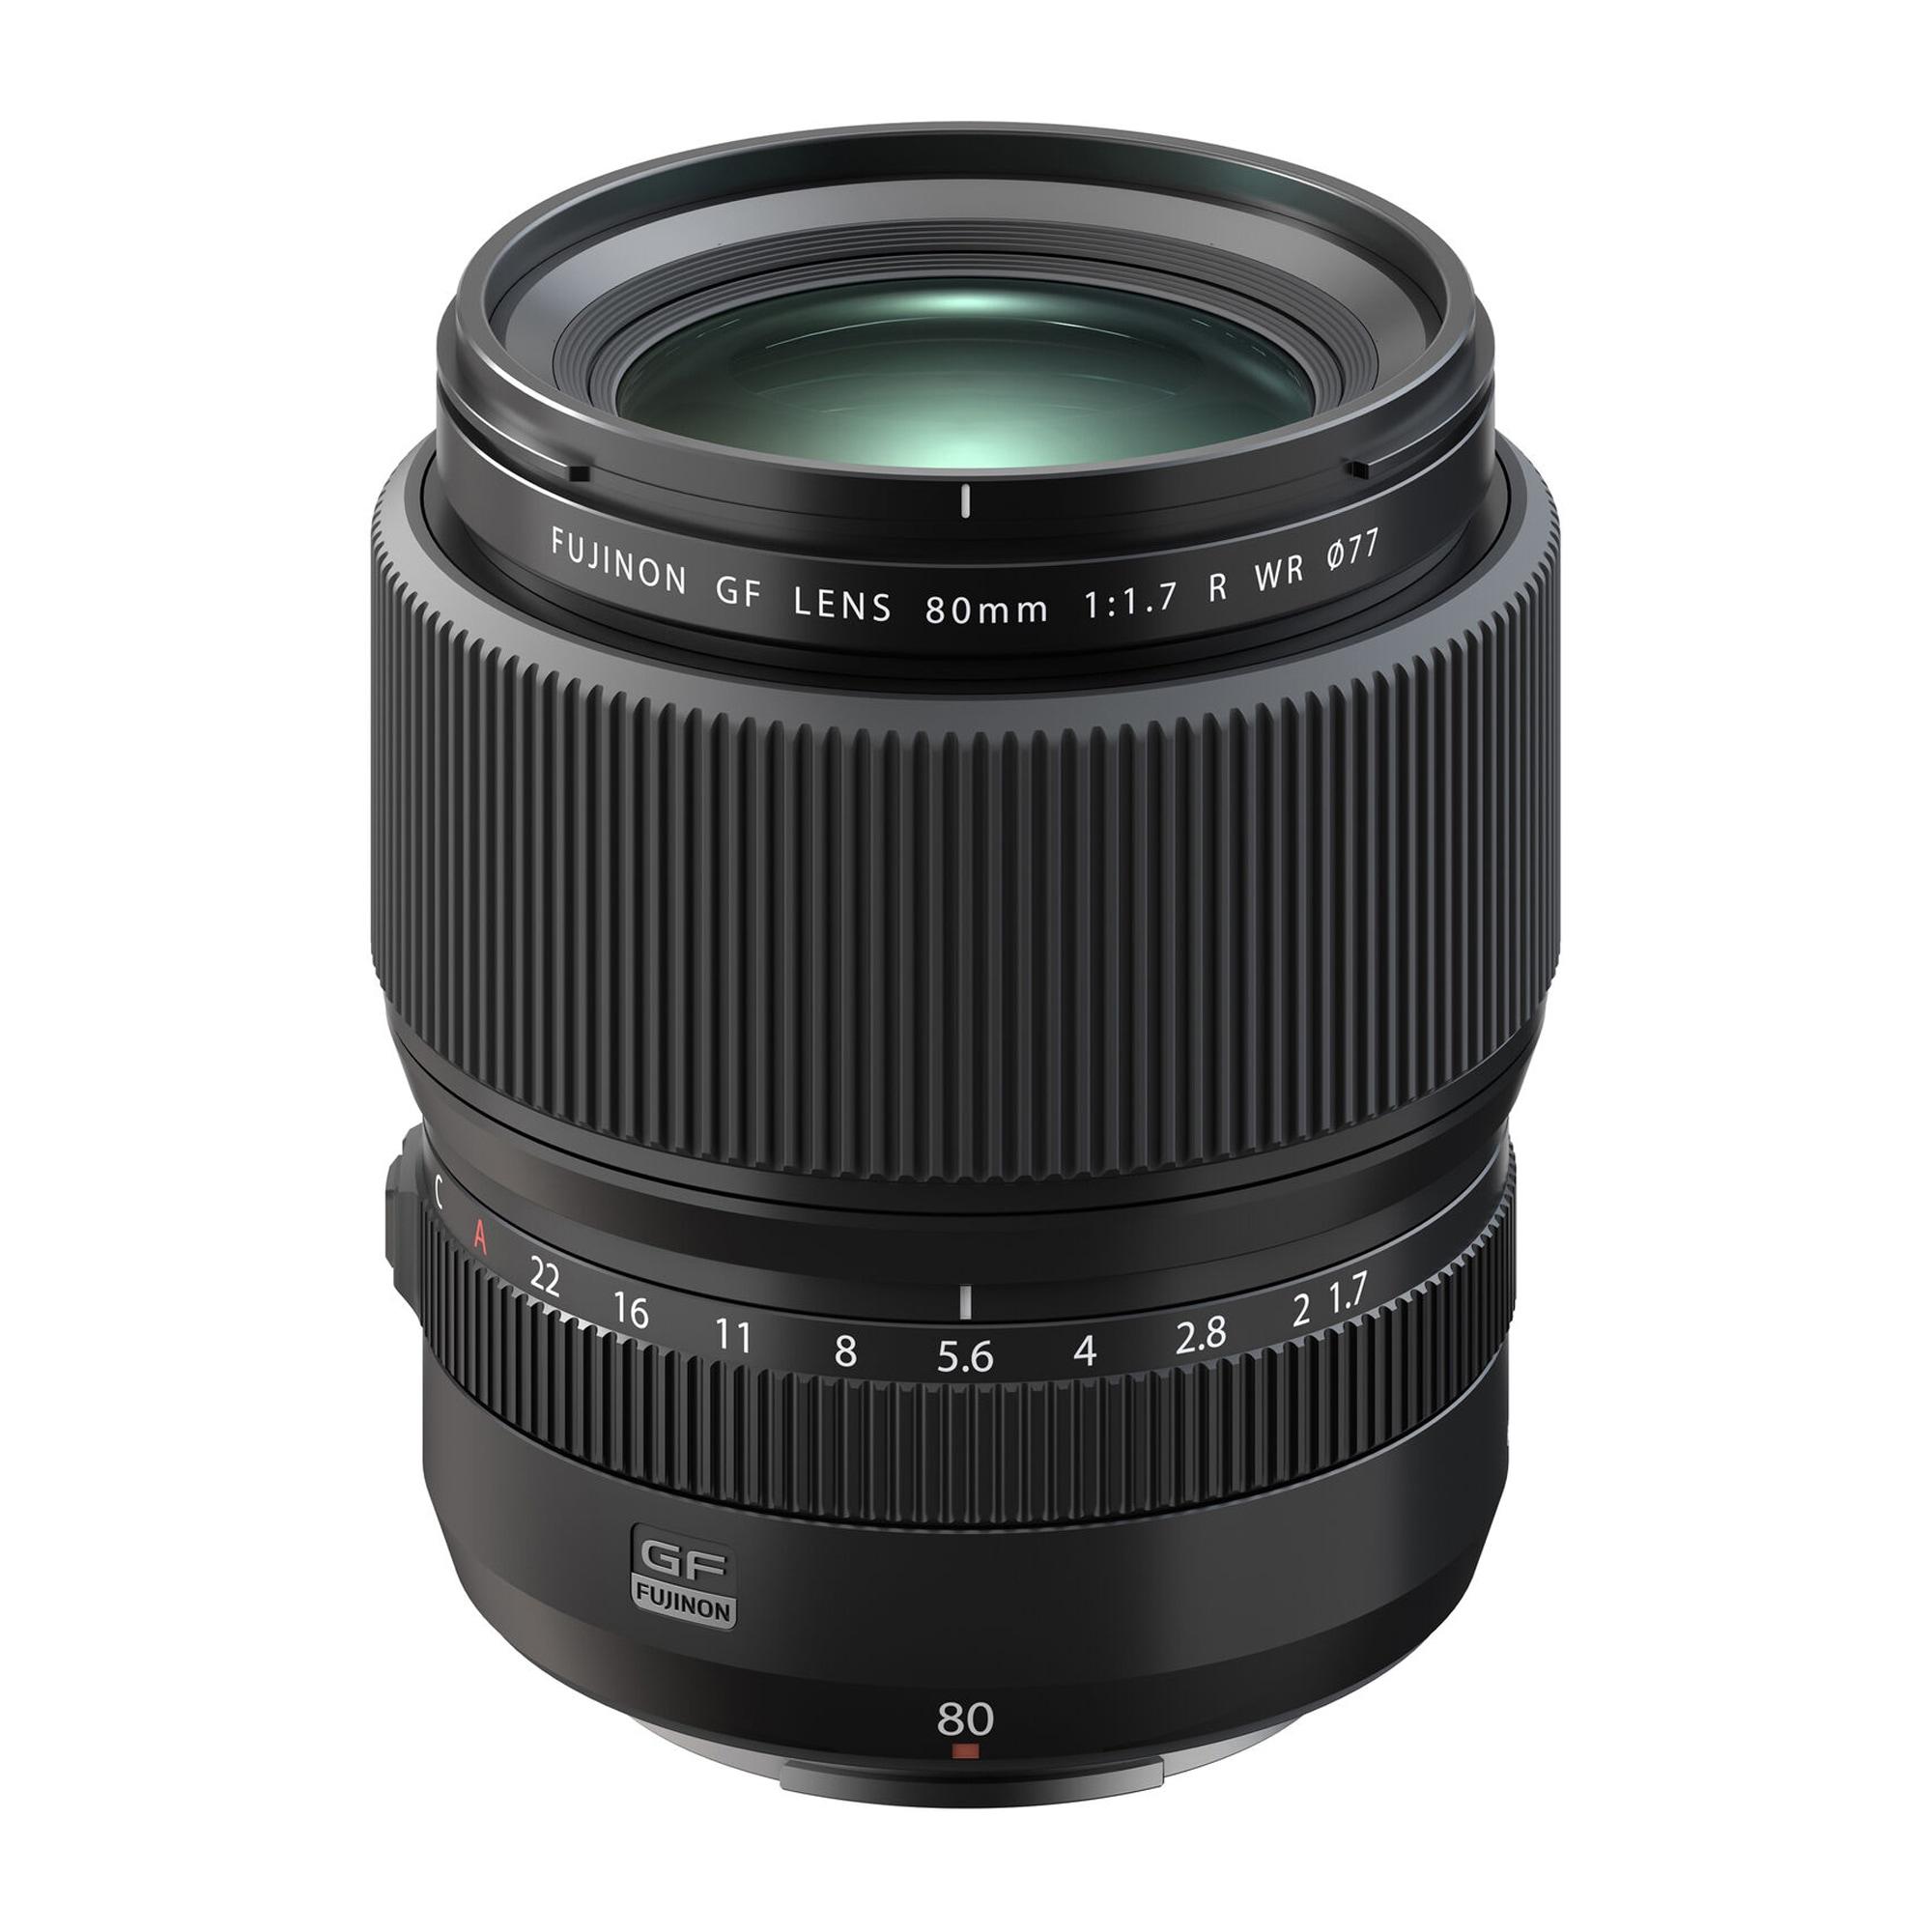 Fujifilm GF 80mm f/1,7 R WR